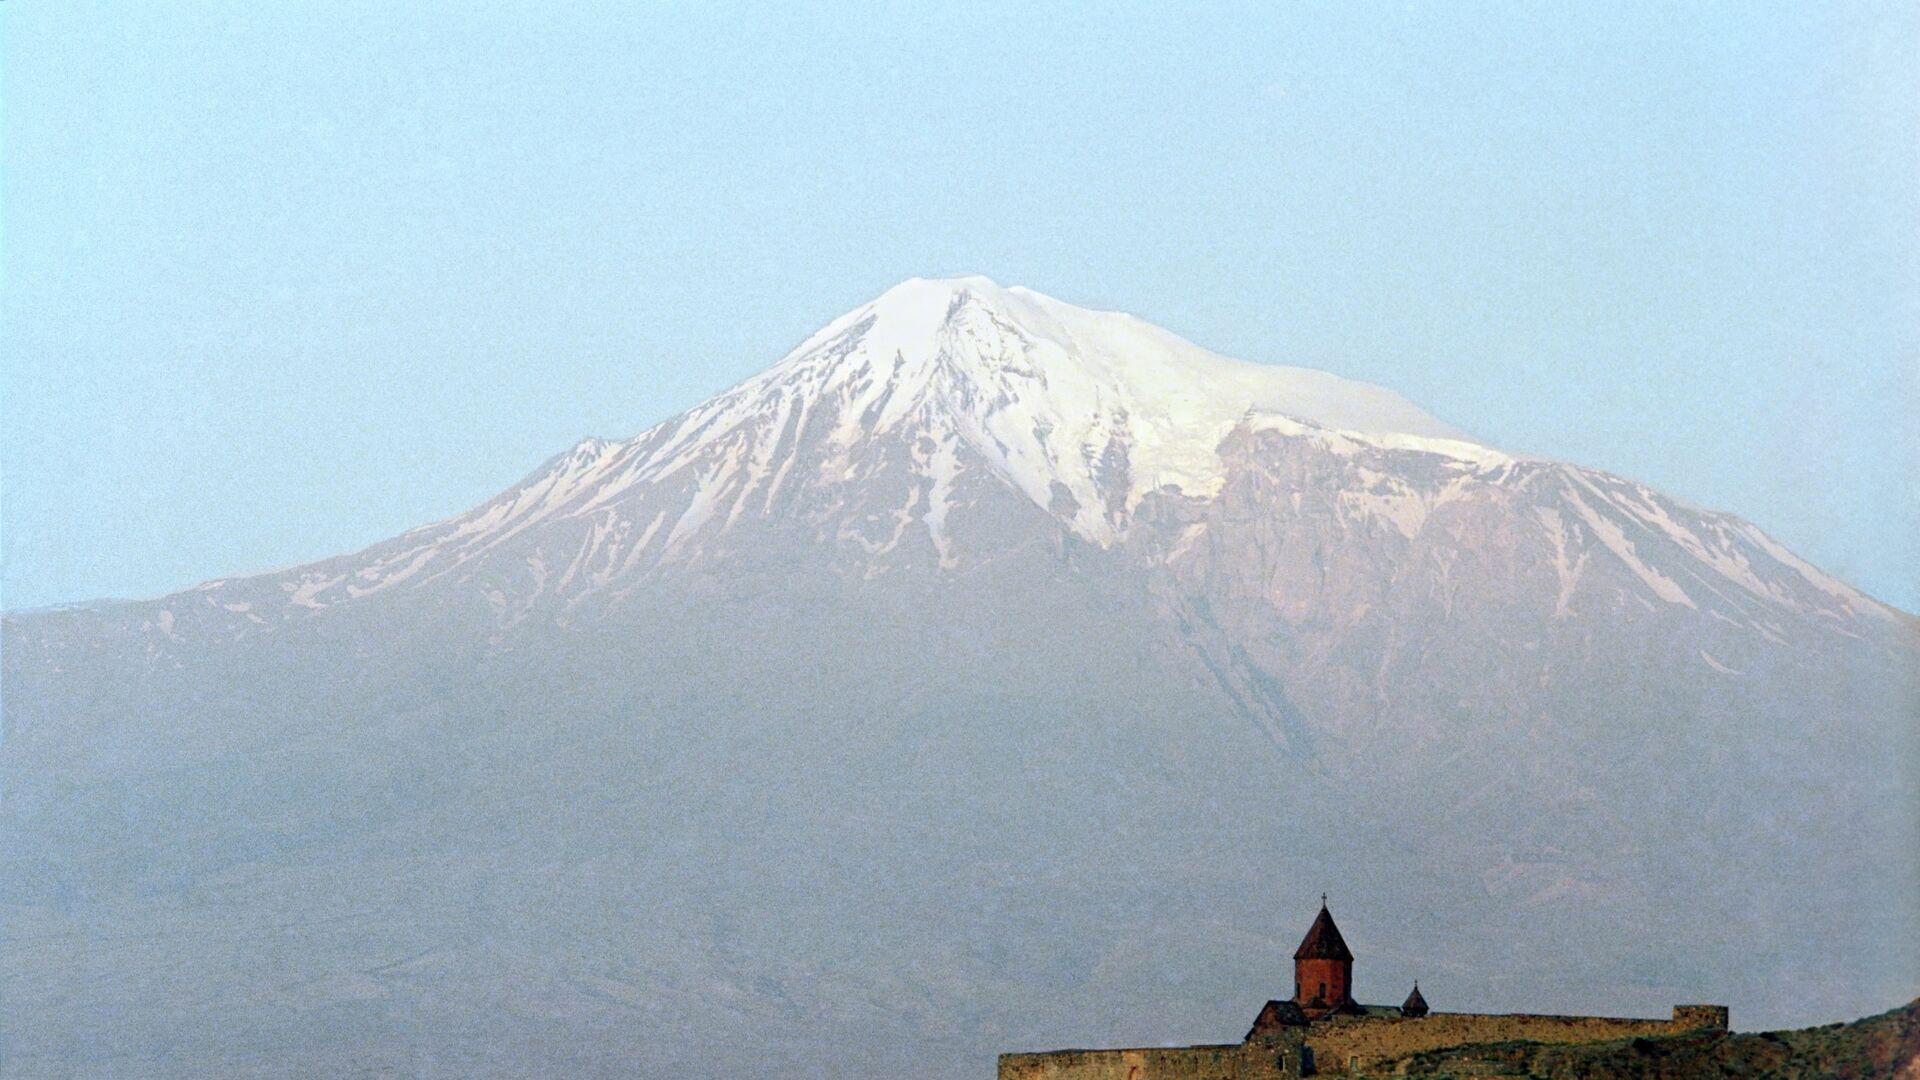 В Армении зафиксировали землетрясение магнитудой 4,7 - Радио Sputnik, 13.02.2021